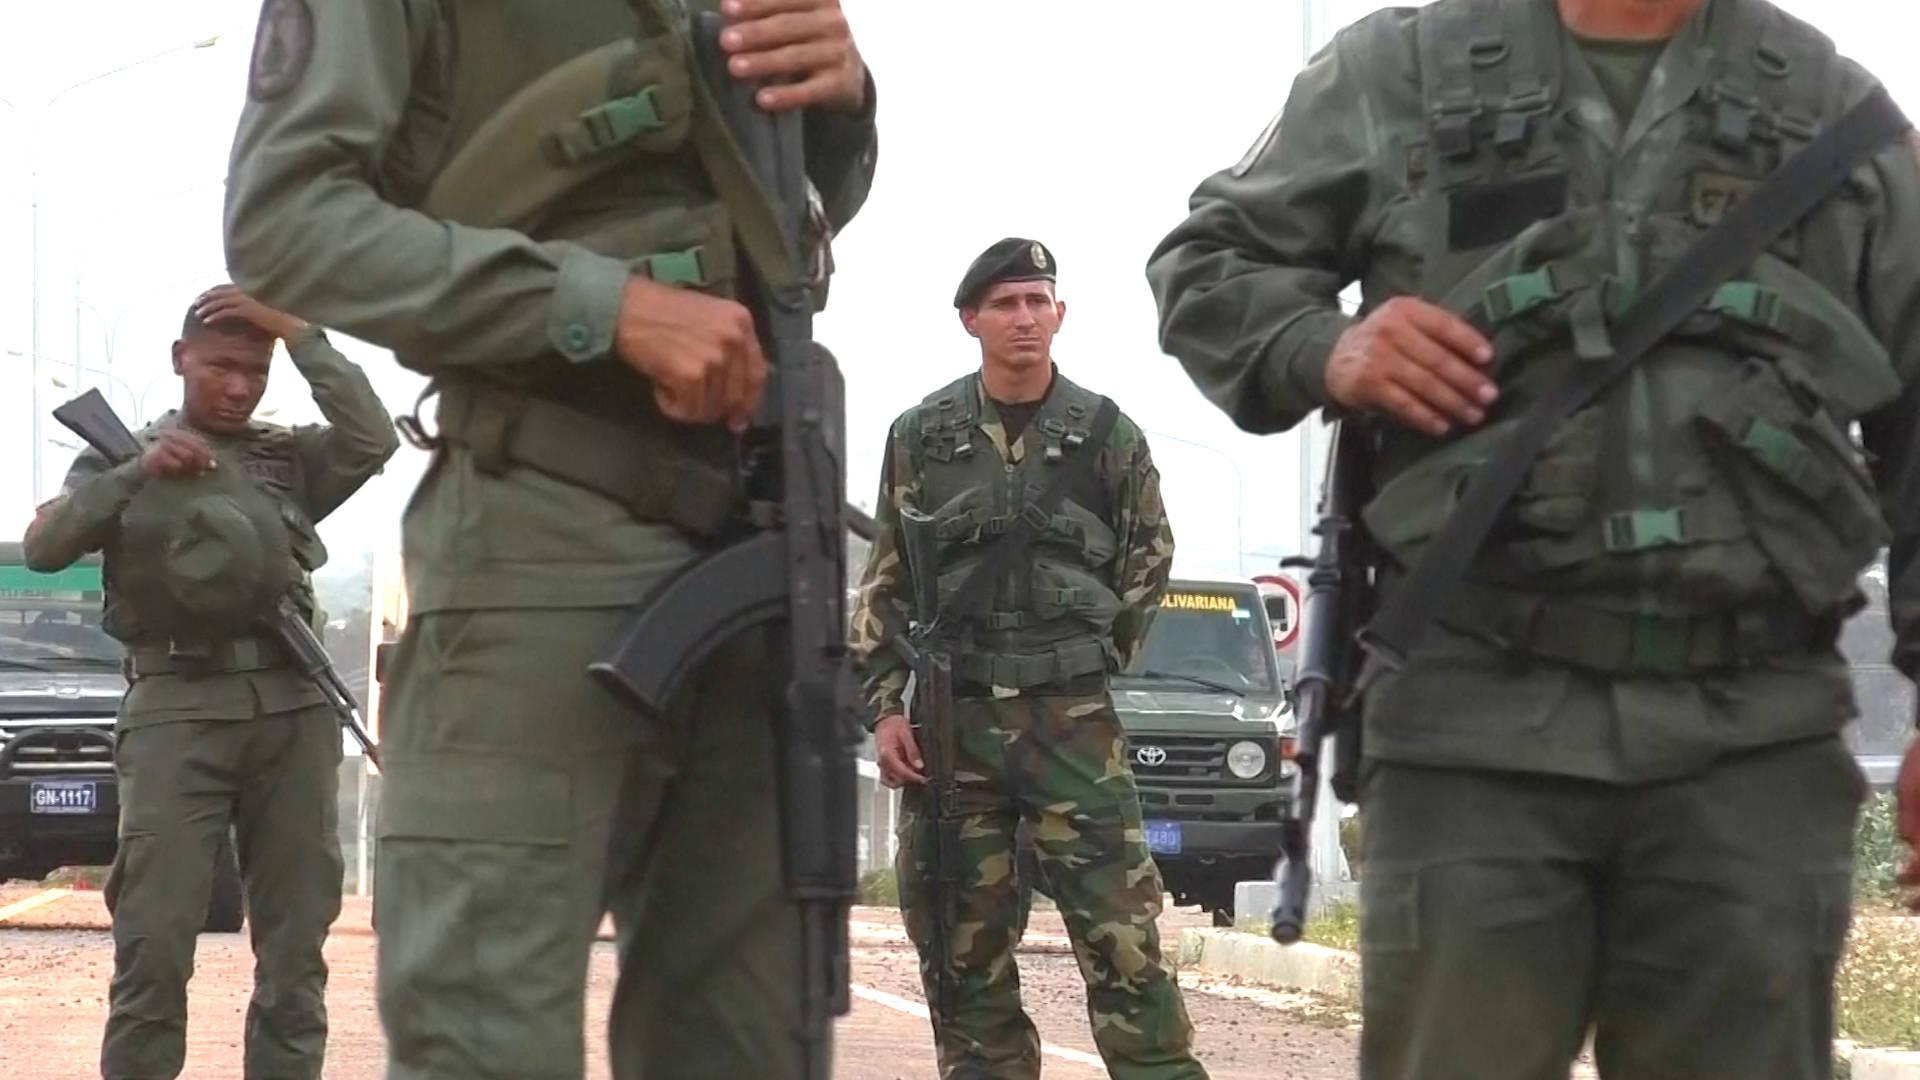 Report: U.S.-Based Plane Caught Bringing Arms into Venezuela